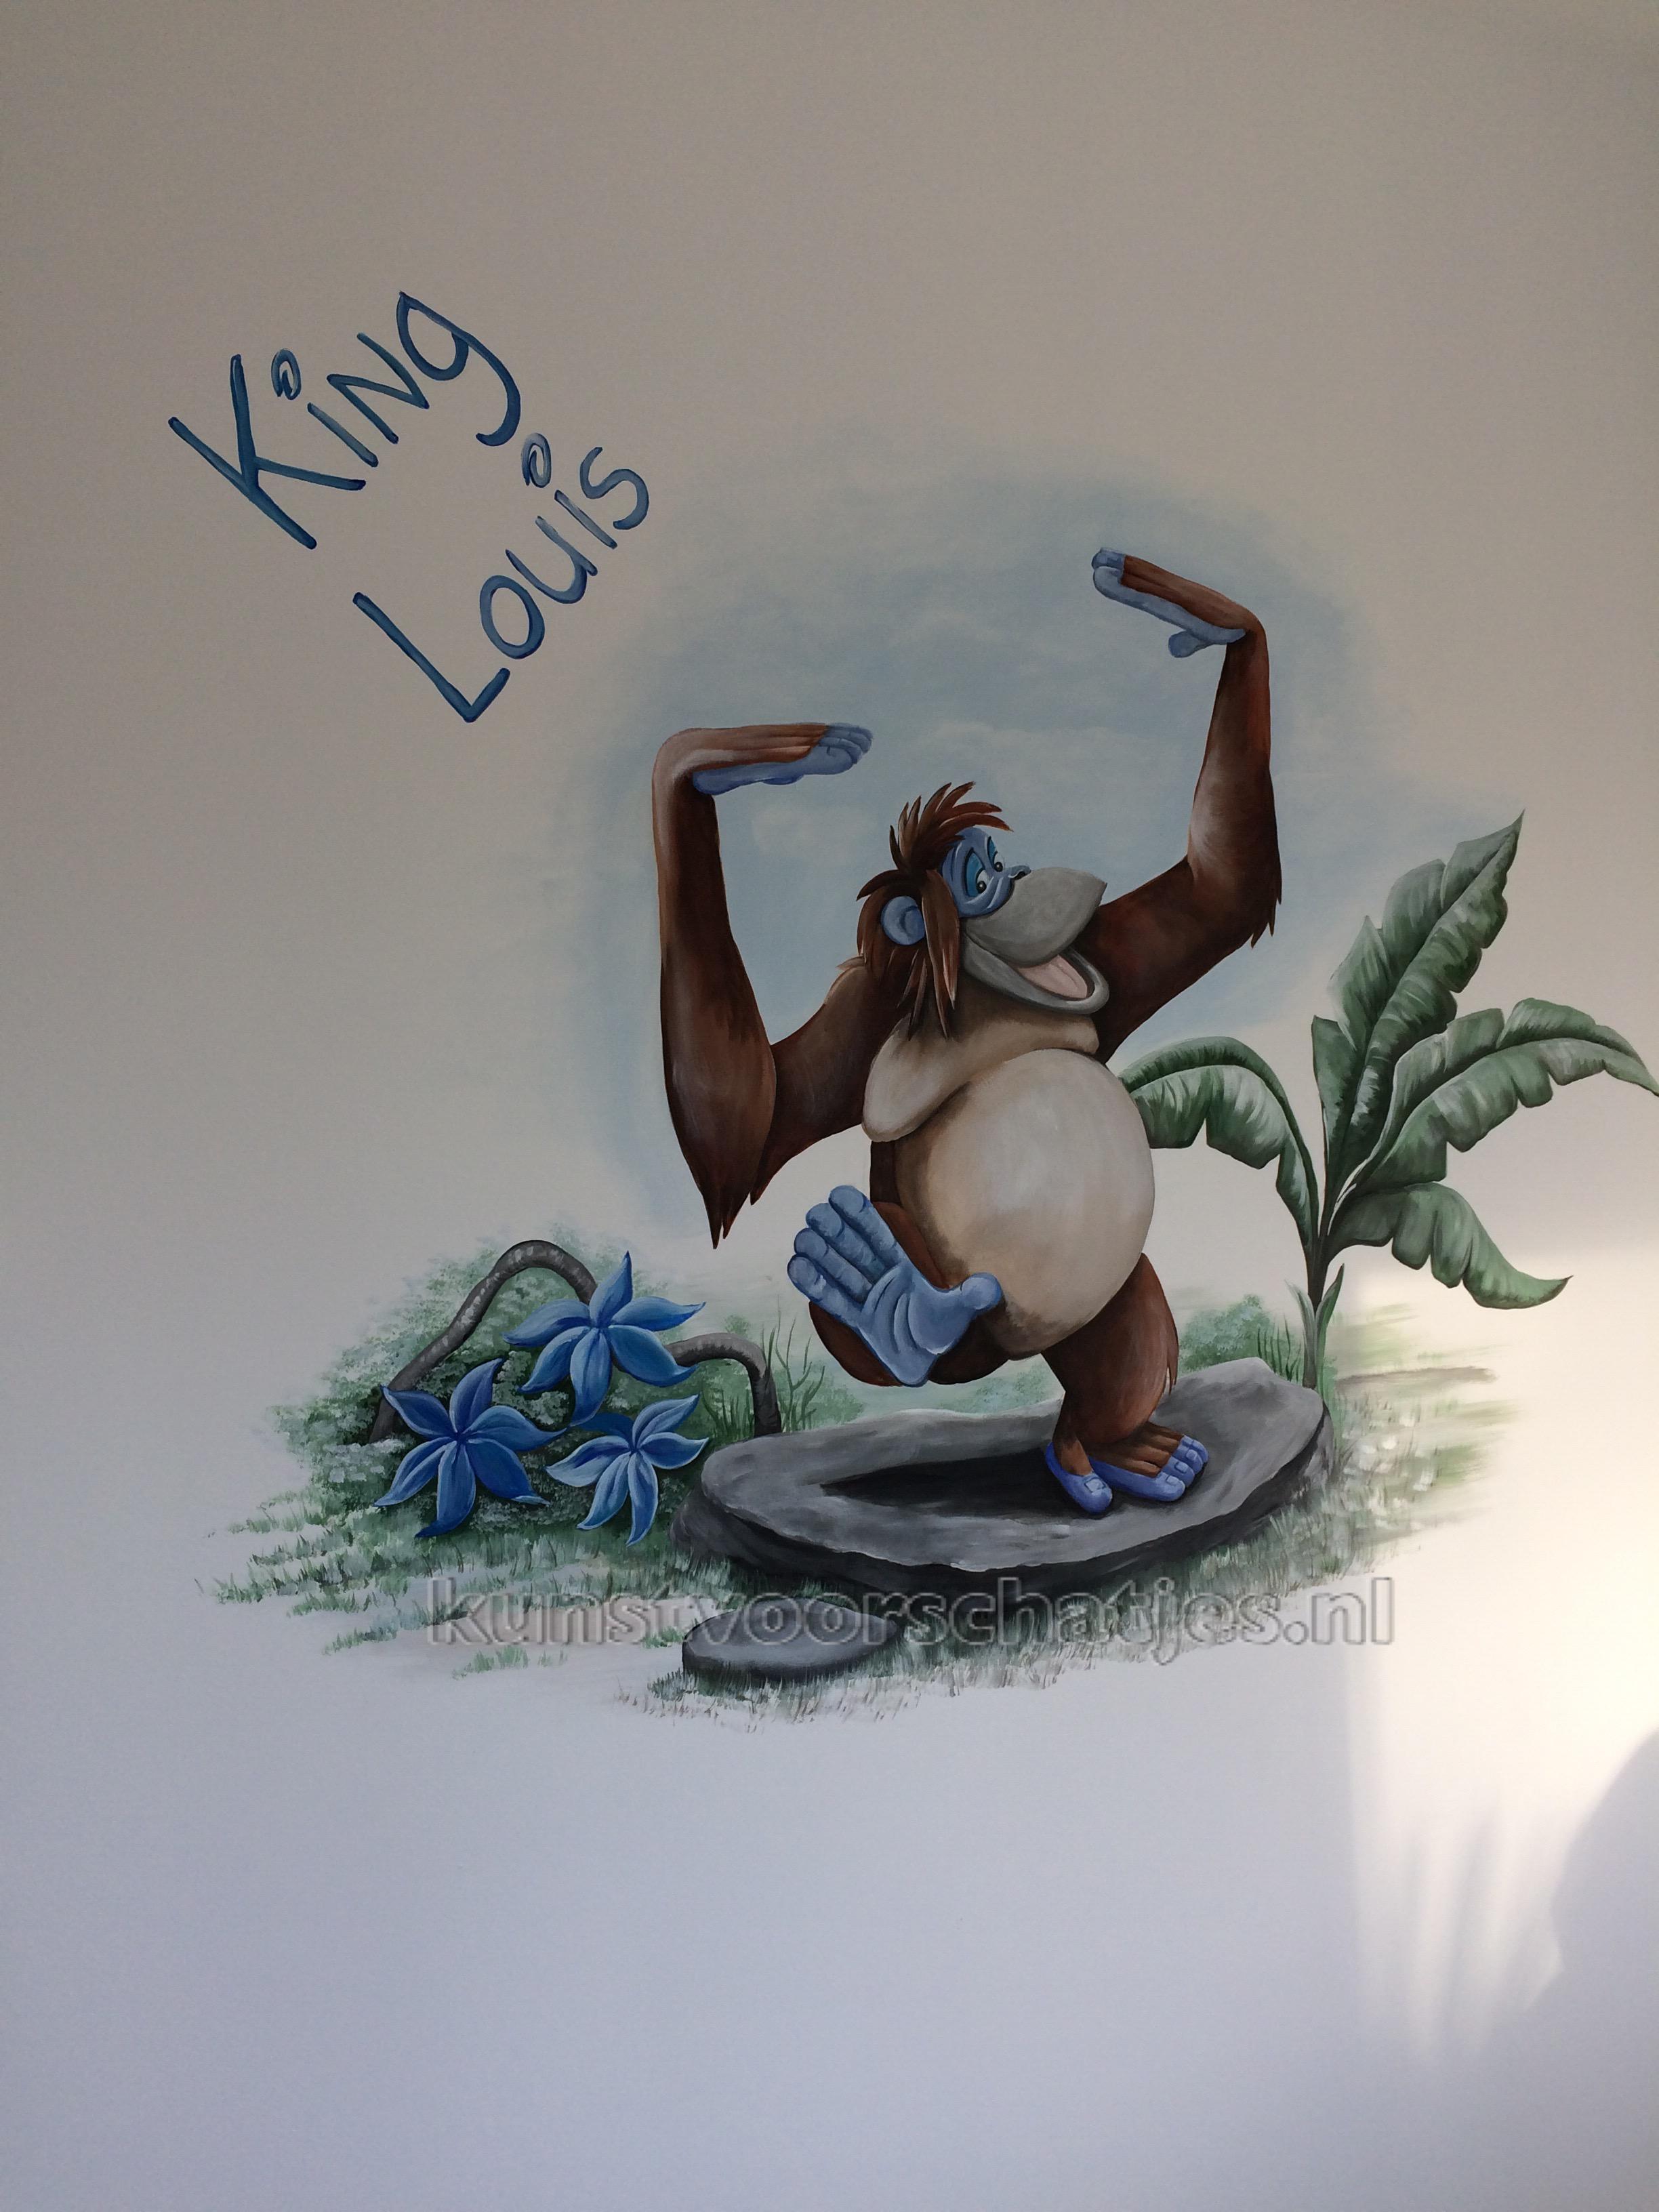 Jungle Book Louis